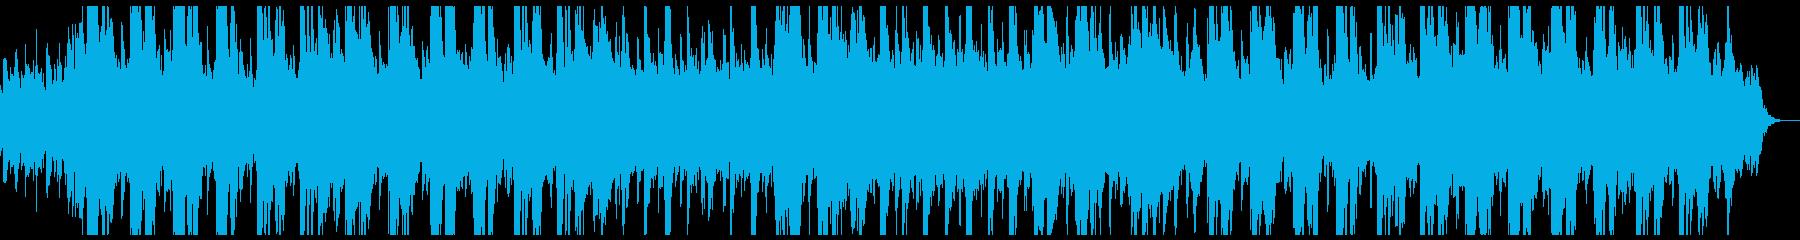 ノスタルジックなピアノとシンセサイザーの再生済みの波形